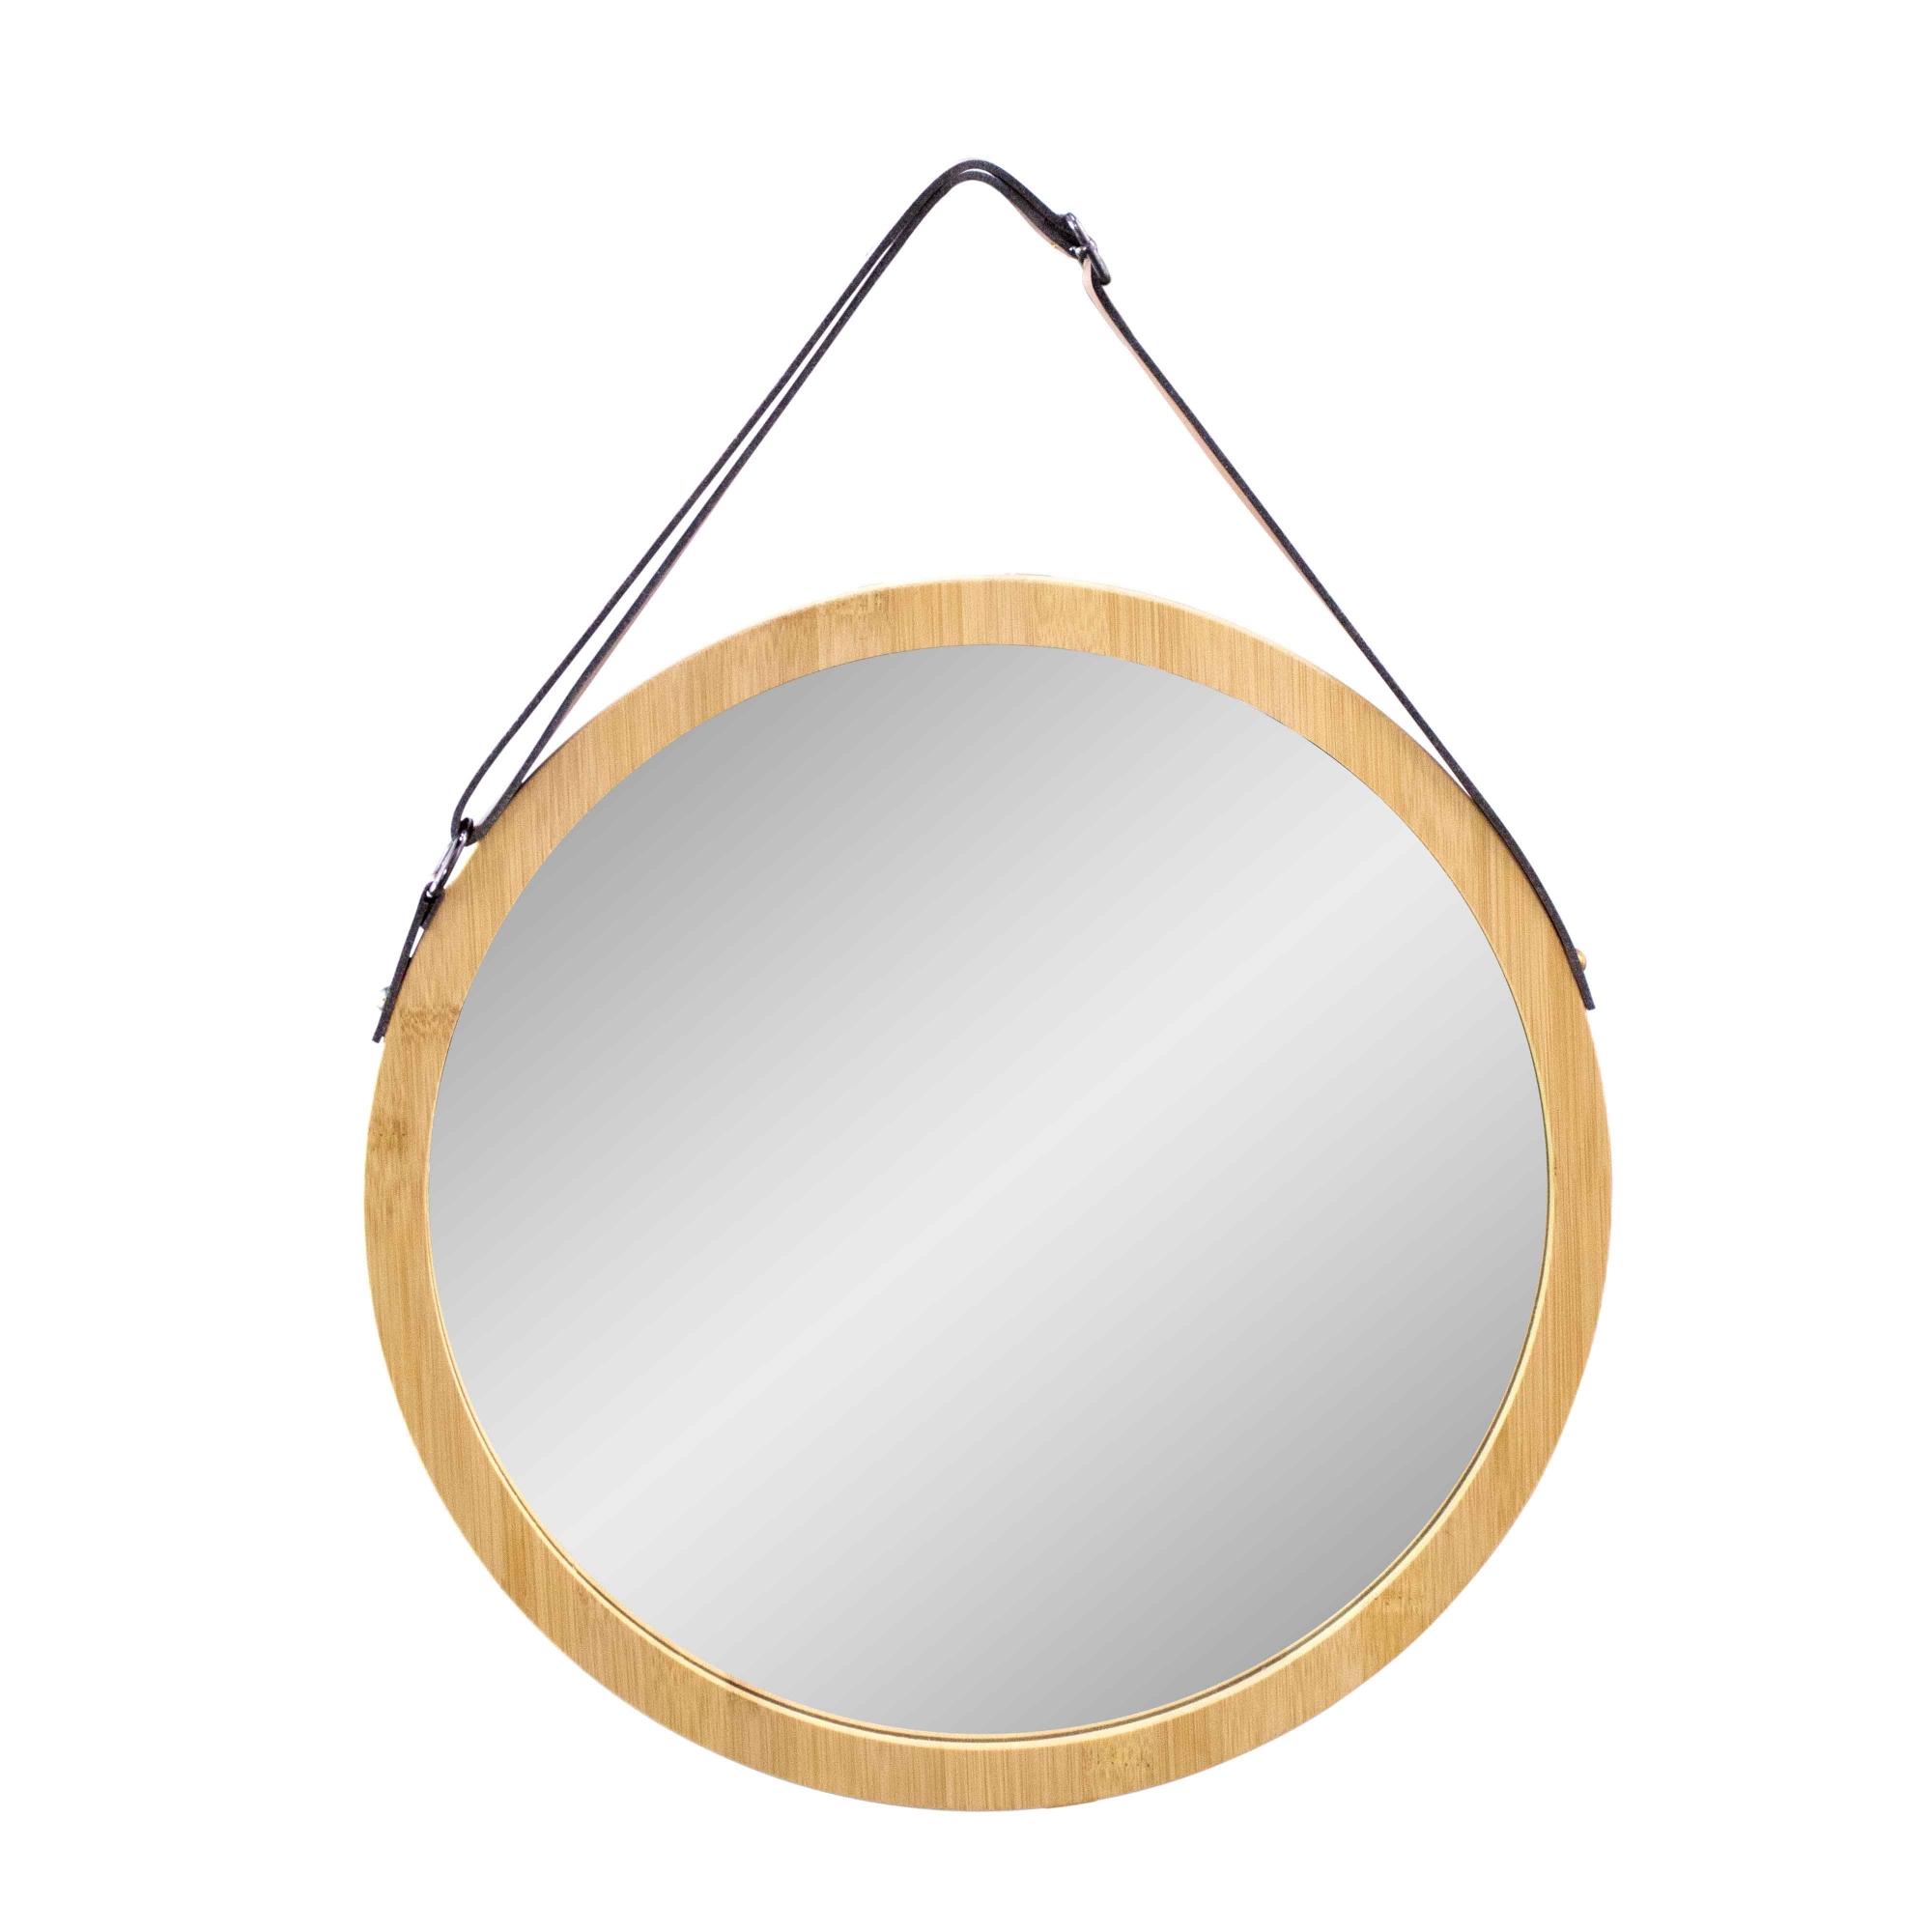 Espelho Decorativo com Moldura em Madeira 40 cm - D'Rossi